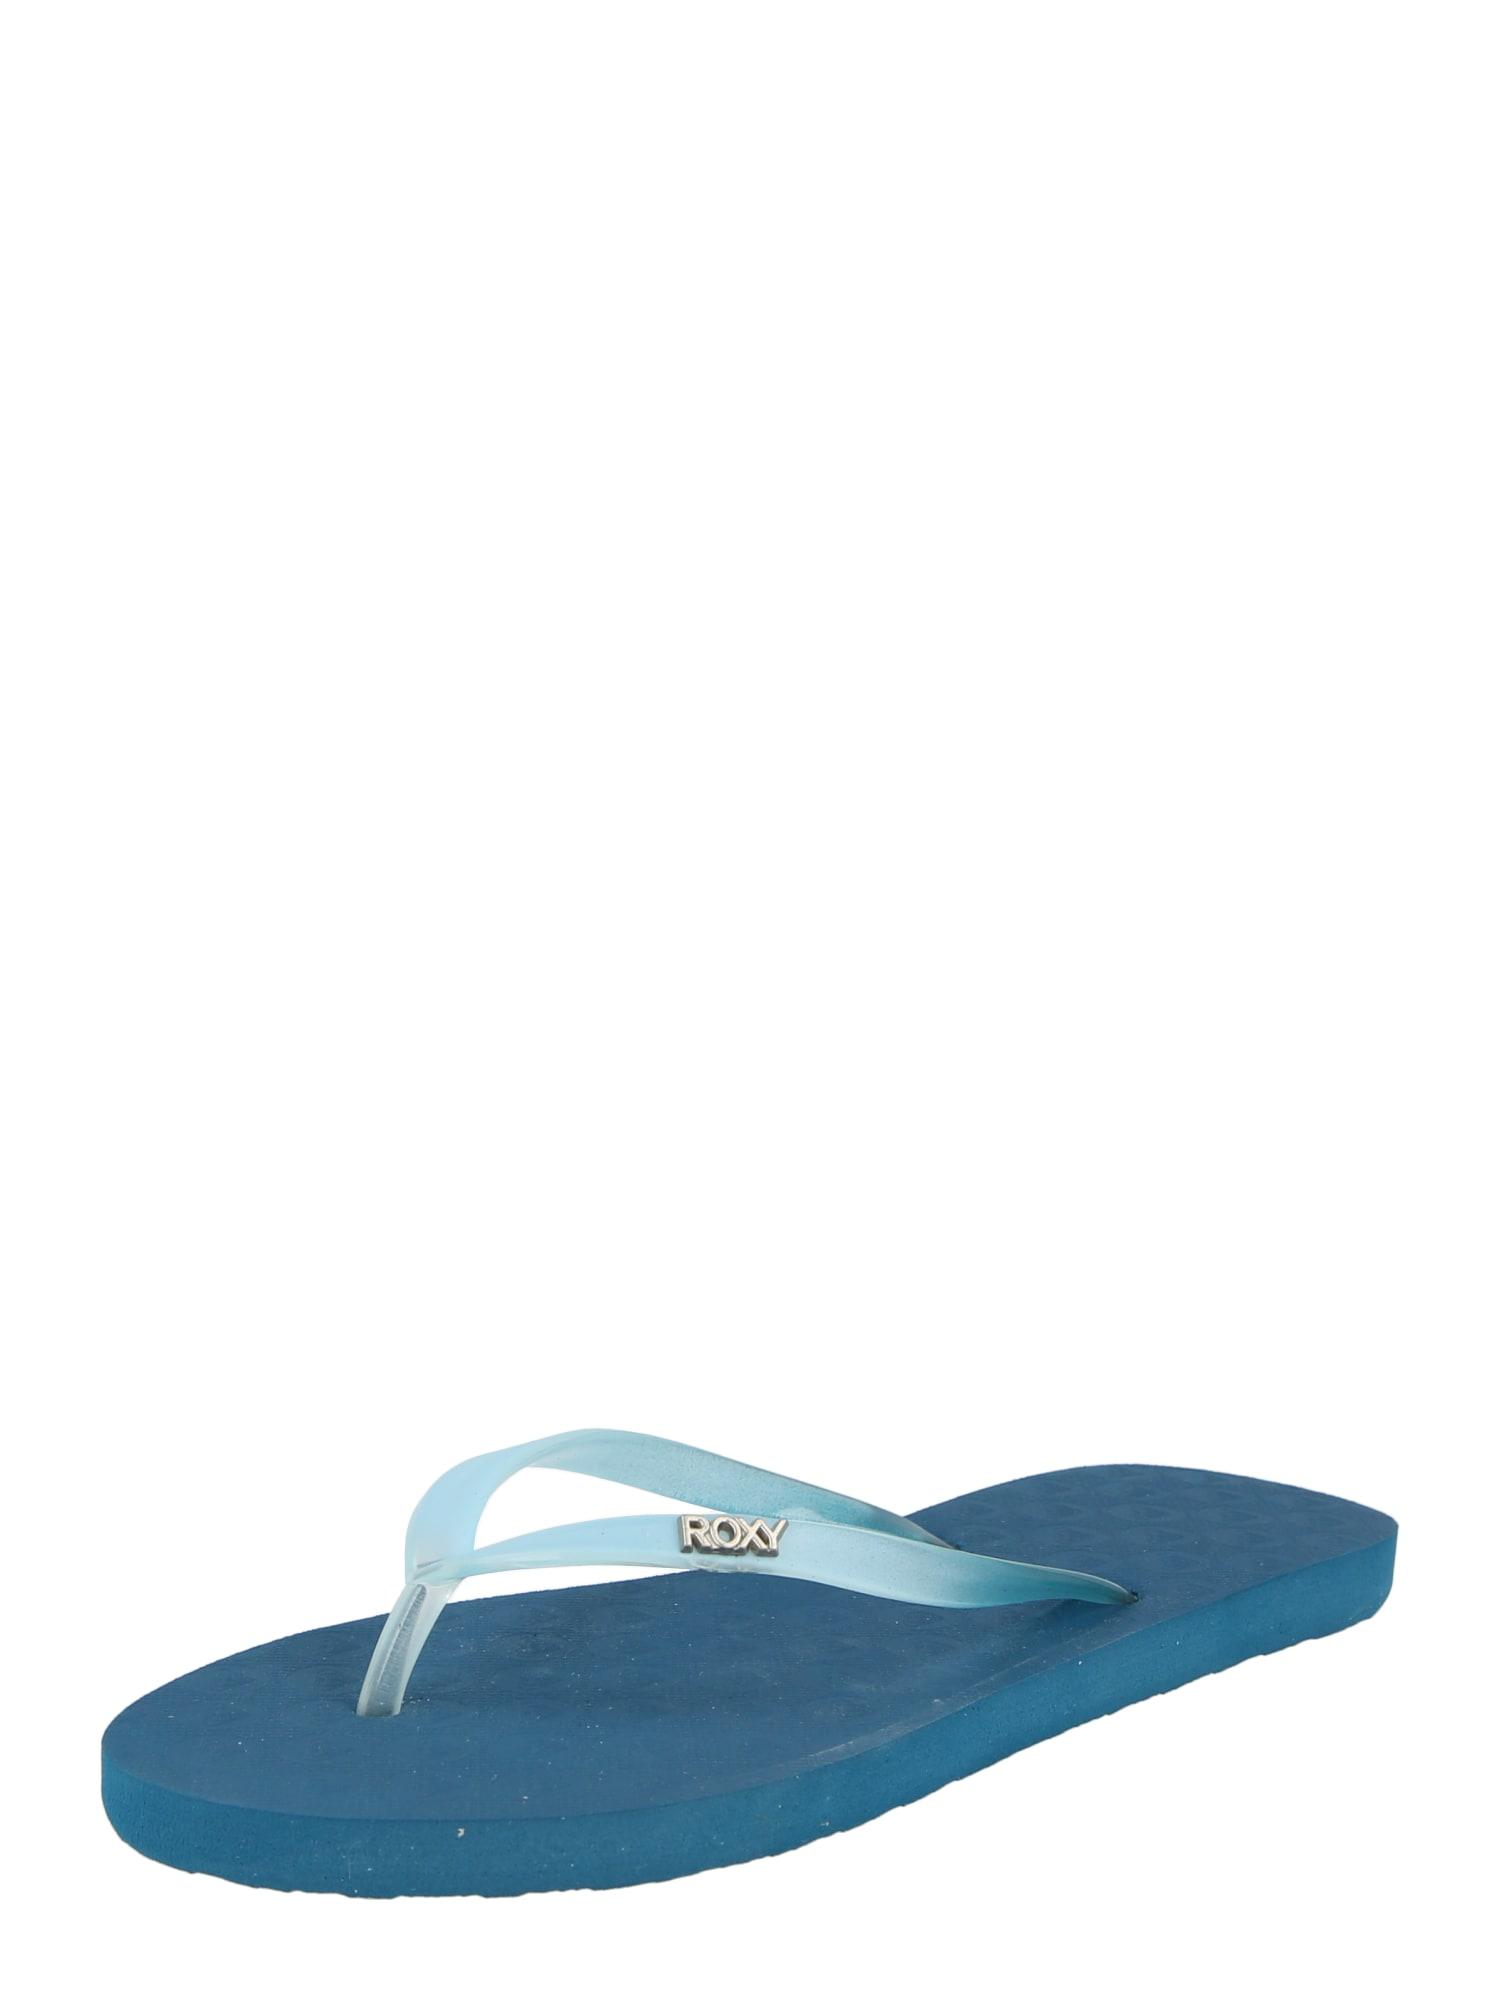 ROXY Séparateur d'orteils 'VIVA'  - Bleu - Taille: 8.5 - female